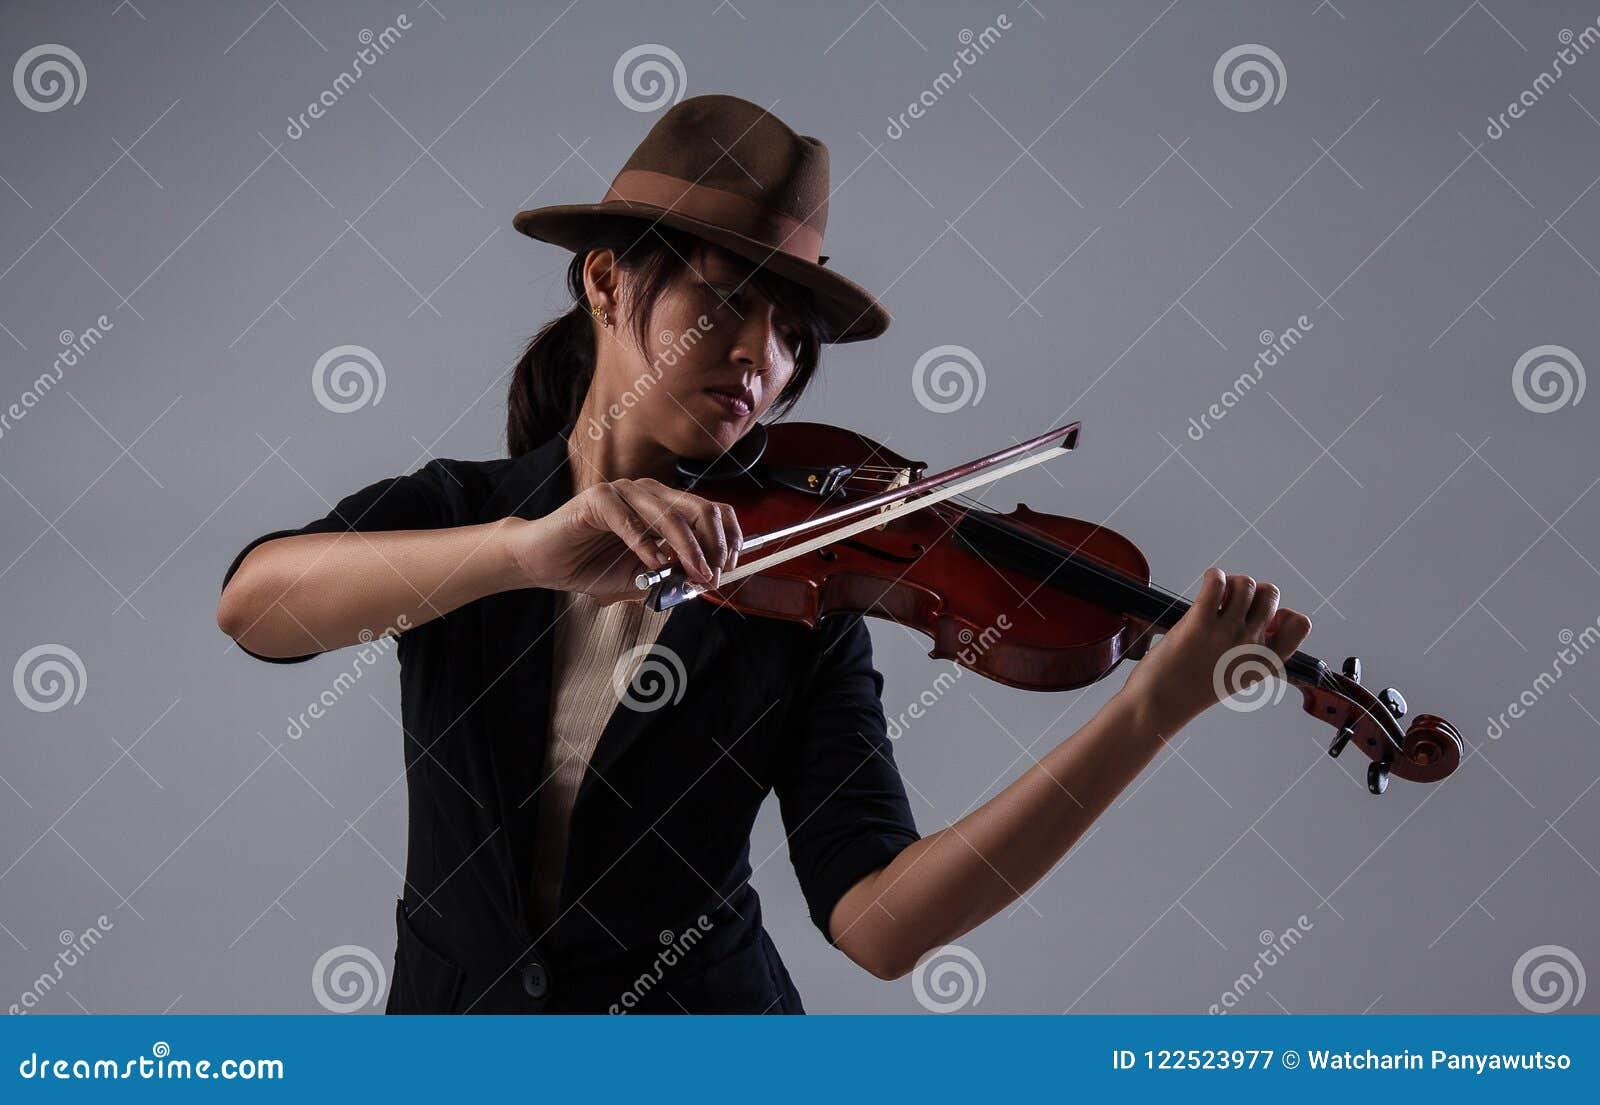 La dame avec le chapeau brun joue le violon, a mis le violon sur l épaule gauche et tient le violon d arc avec la main droite